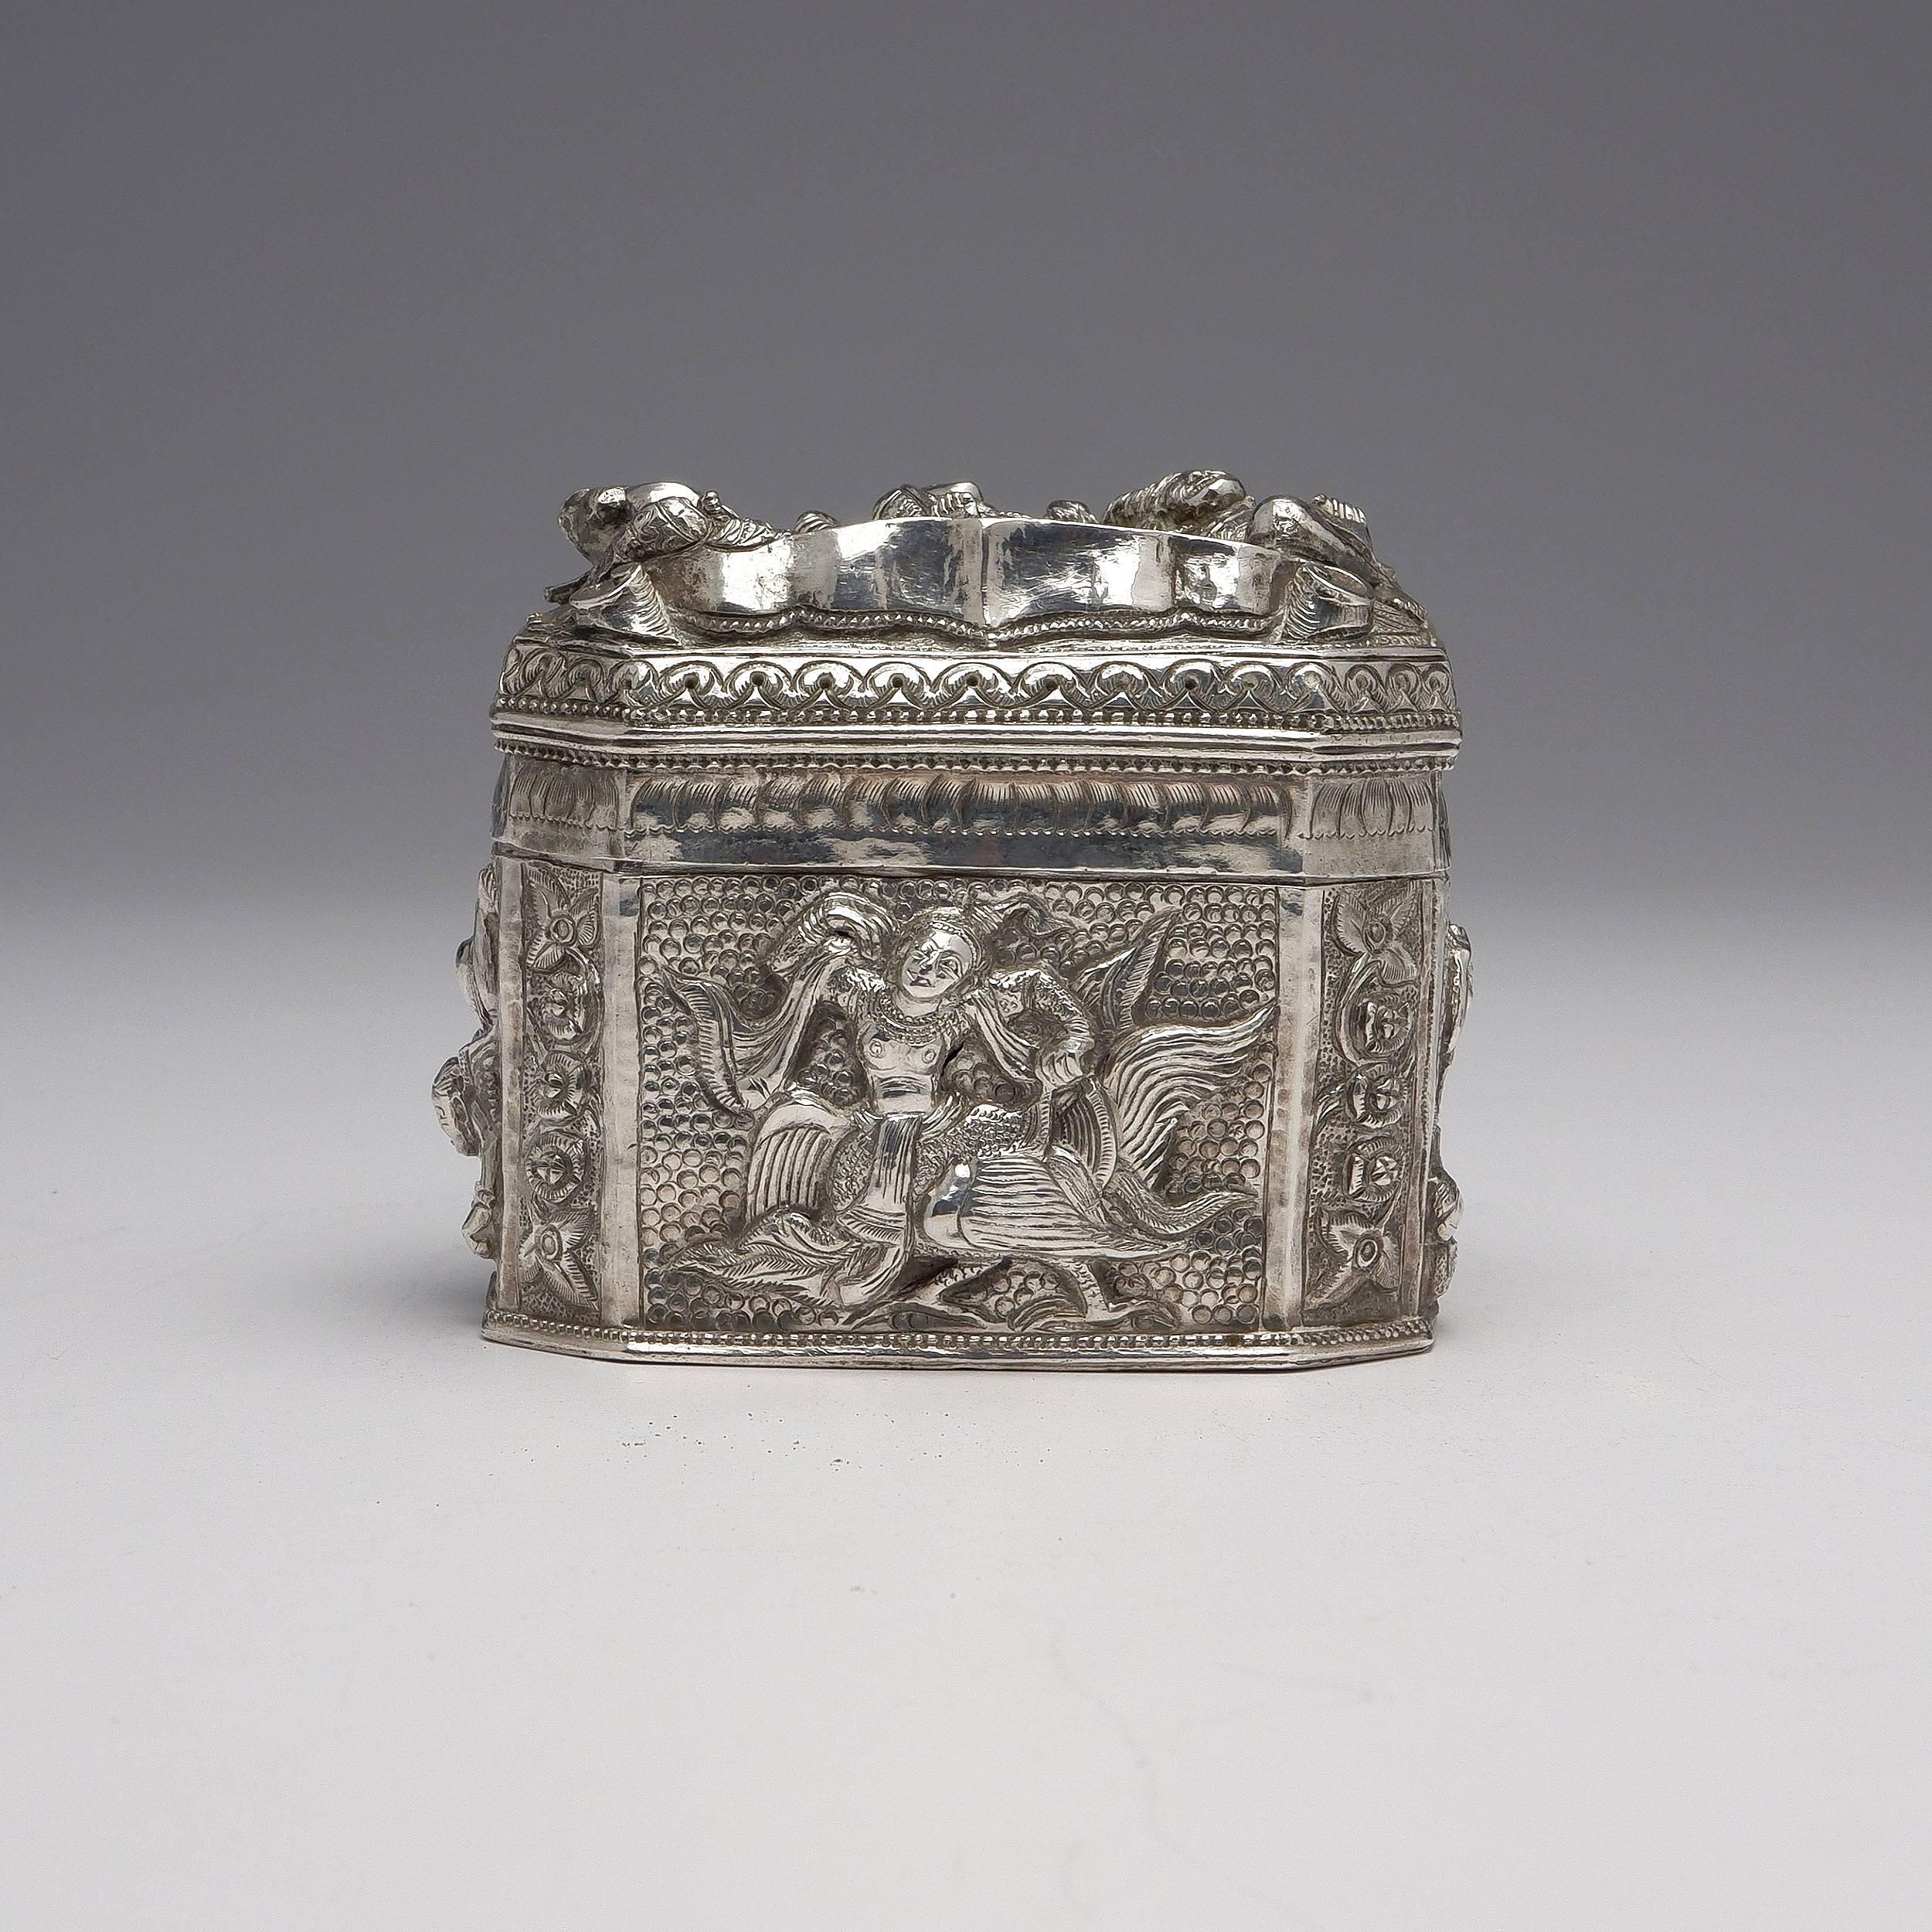 'Burmese Heavily Repousse Silver Box, 215g'